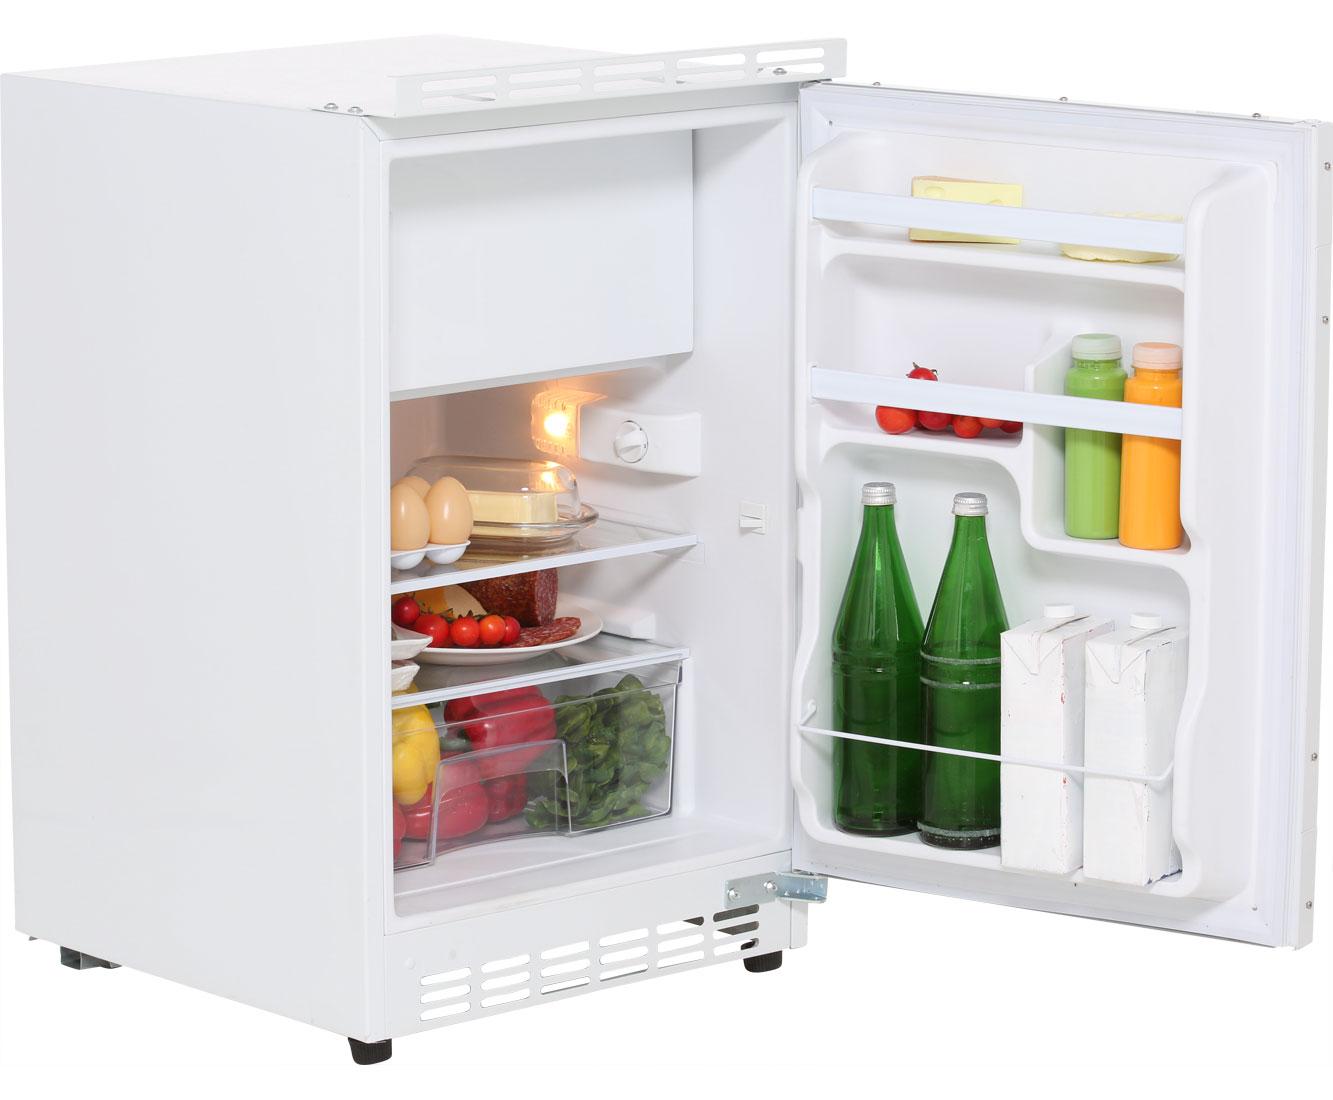 Amica Kühlschrank Uks 16158 : Amica ks w tischkühlschrank bei expert kaufen